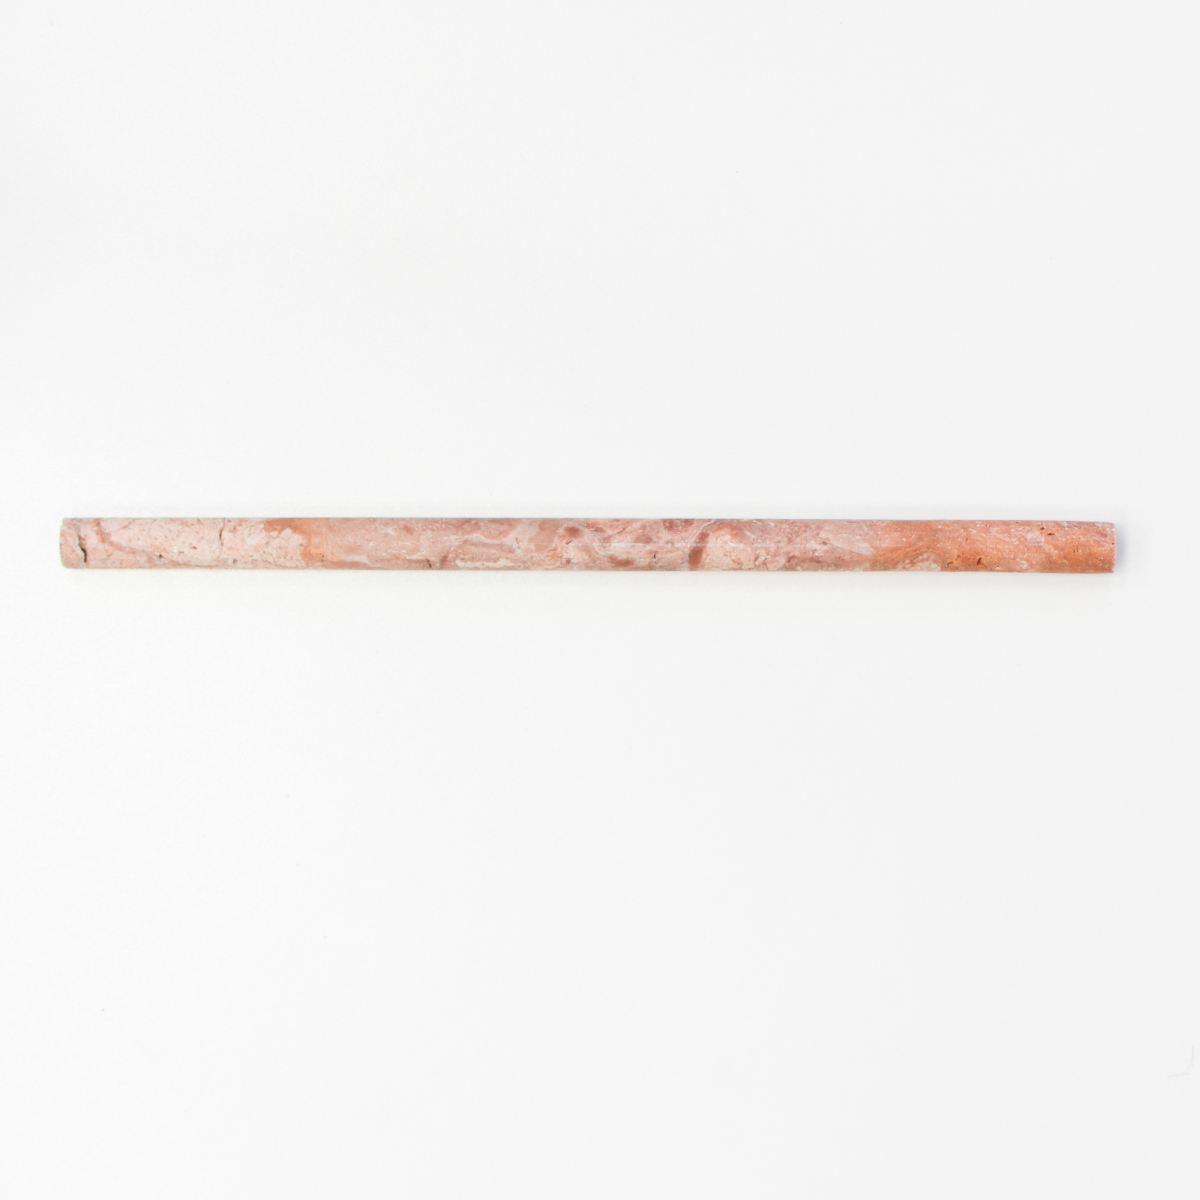 Borde Bordüre TraGrünin Naturstein rot Profil Pencil PENC-45315_f  10 Bordüren